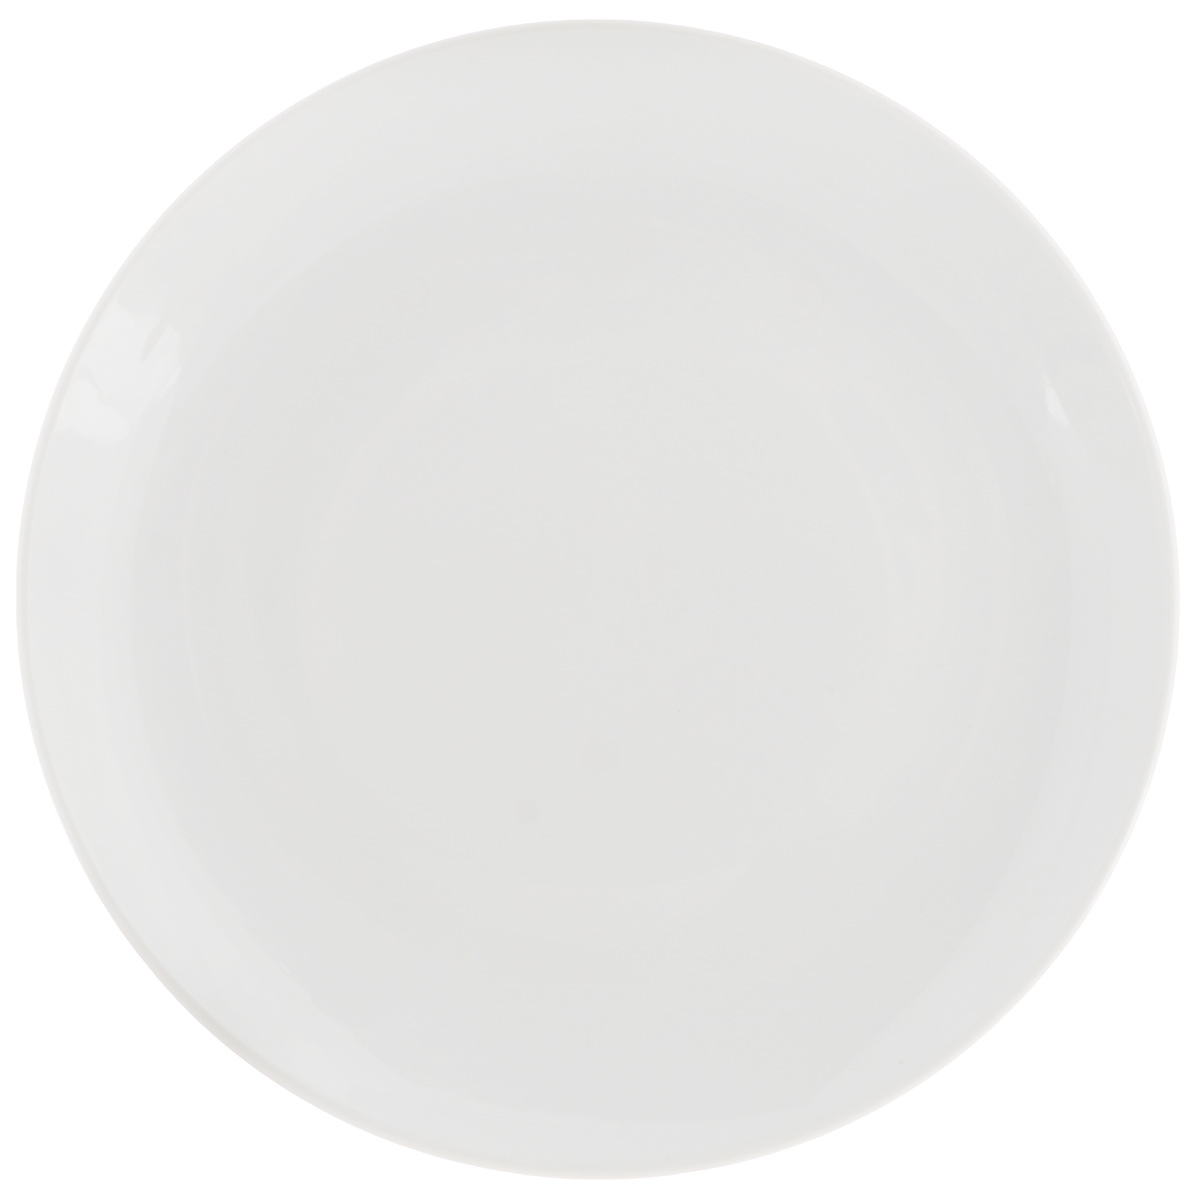 Тарелка десертная Фарфор Вербилок, диаметр 19 см1303878/4С0175Десертная тарелка Фарфор Вербилок,изготовленная изфарфора.Такая тарелка прекрасно подходит как дляторжественных случаев, так и для повседневногоиспользования.Идеальна для подачи десертов, пирожных, тортов имногого другого. Она прекрасно оформит стол истанетотличным дополнением к вашей коллекциикухоннойпосуды.Диаметр тарелки (по верхнему краю): 19 см.